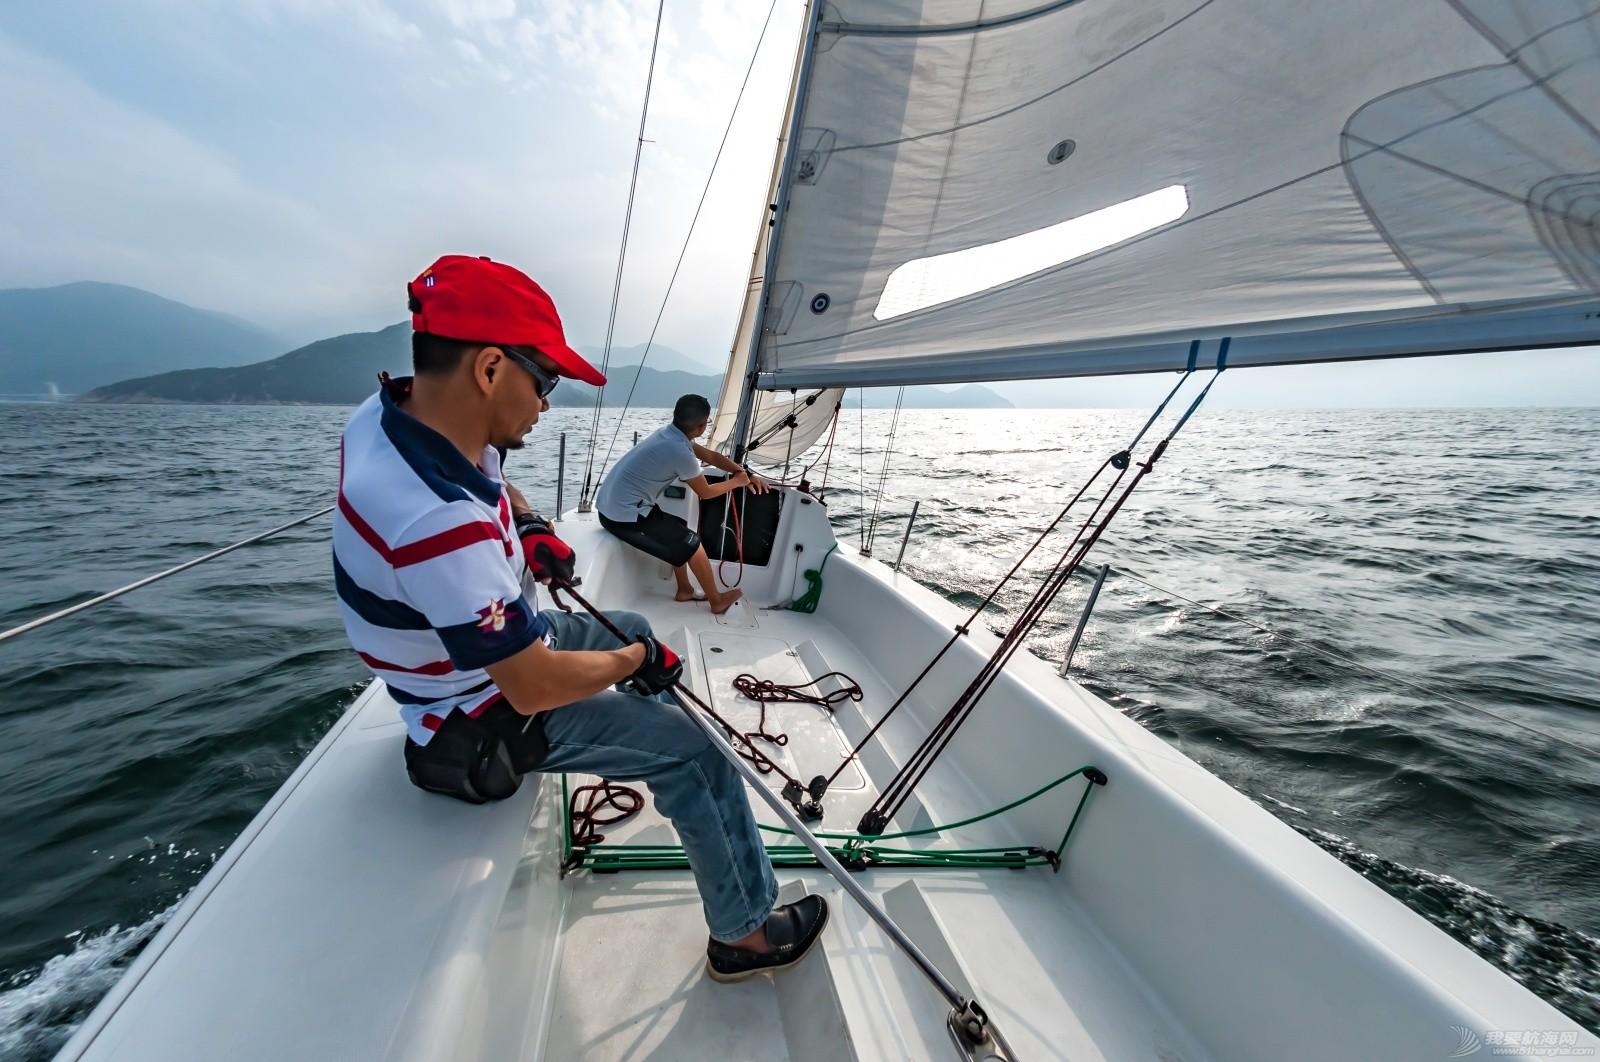 帆船 【2015大鹏杯帆船赛】鱼眼看航海 16004.jpg